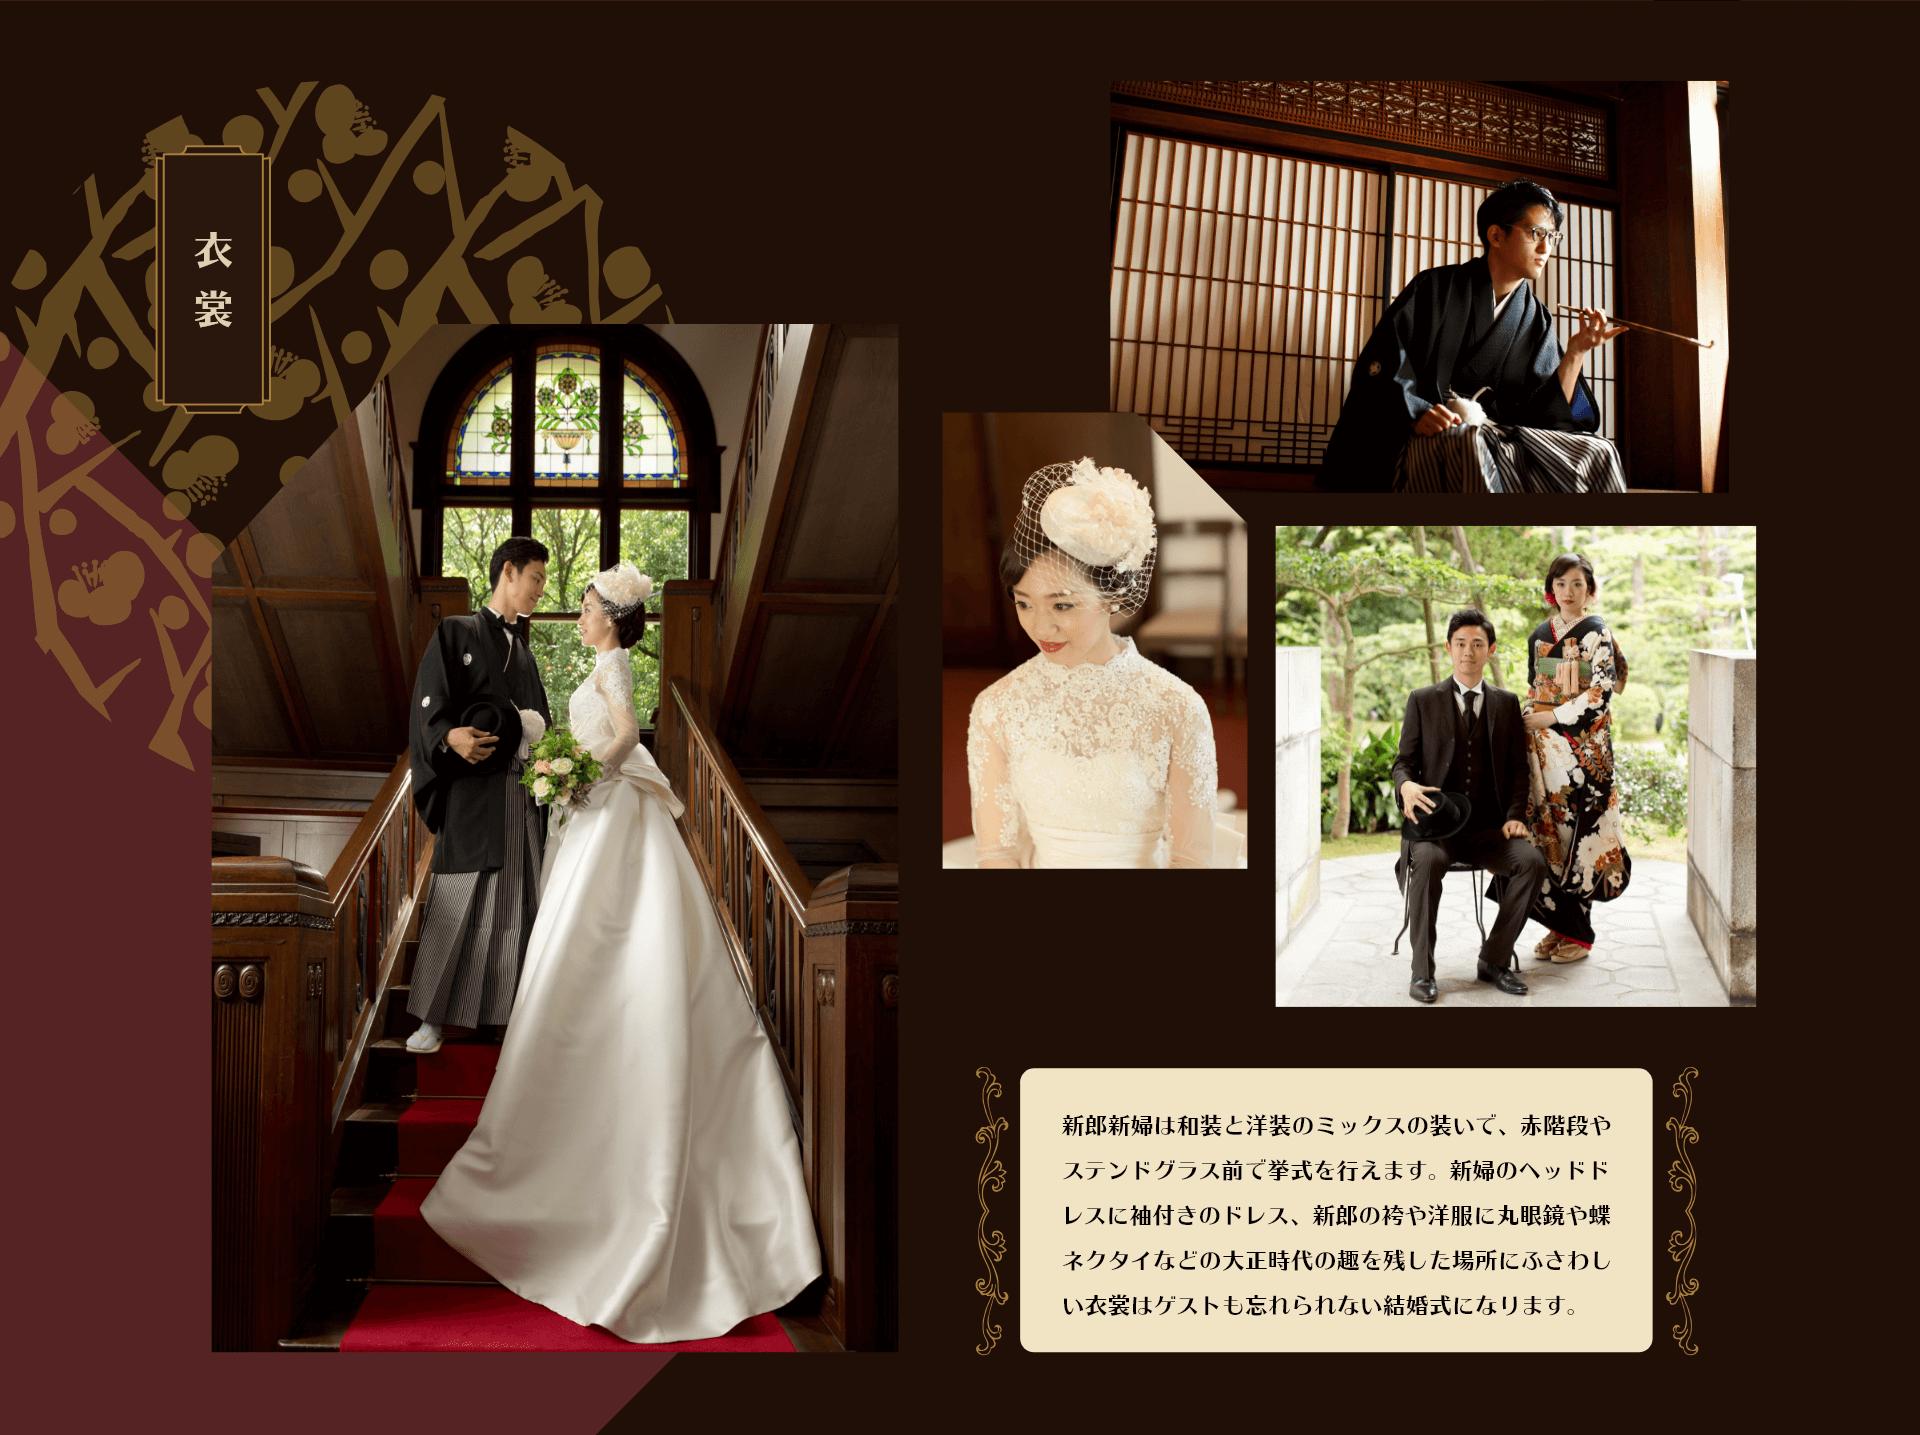 新郎新婦は和装と洋装のミックスの装いで、赤階段やステンドグラス前で挙式を行えます。新婦のヘッドドレスに袖付きのドレス、新郎の袴や洋服に丸眼鏡や蝶ネクタイなどの大正時代の趣を残した場所にふさわしい衣裳はゲストも忘れられない結婚式になります。